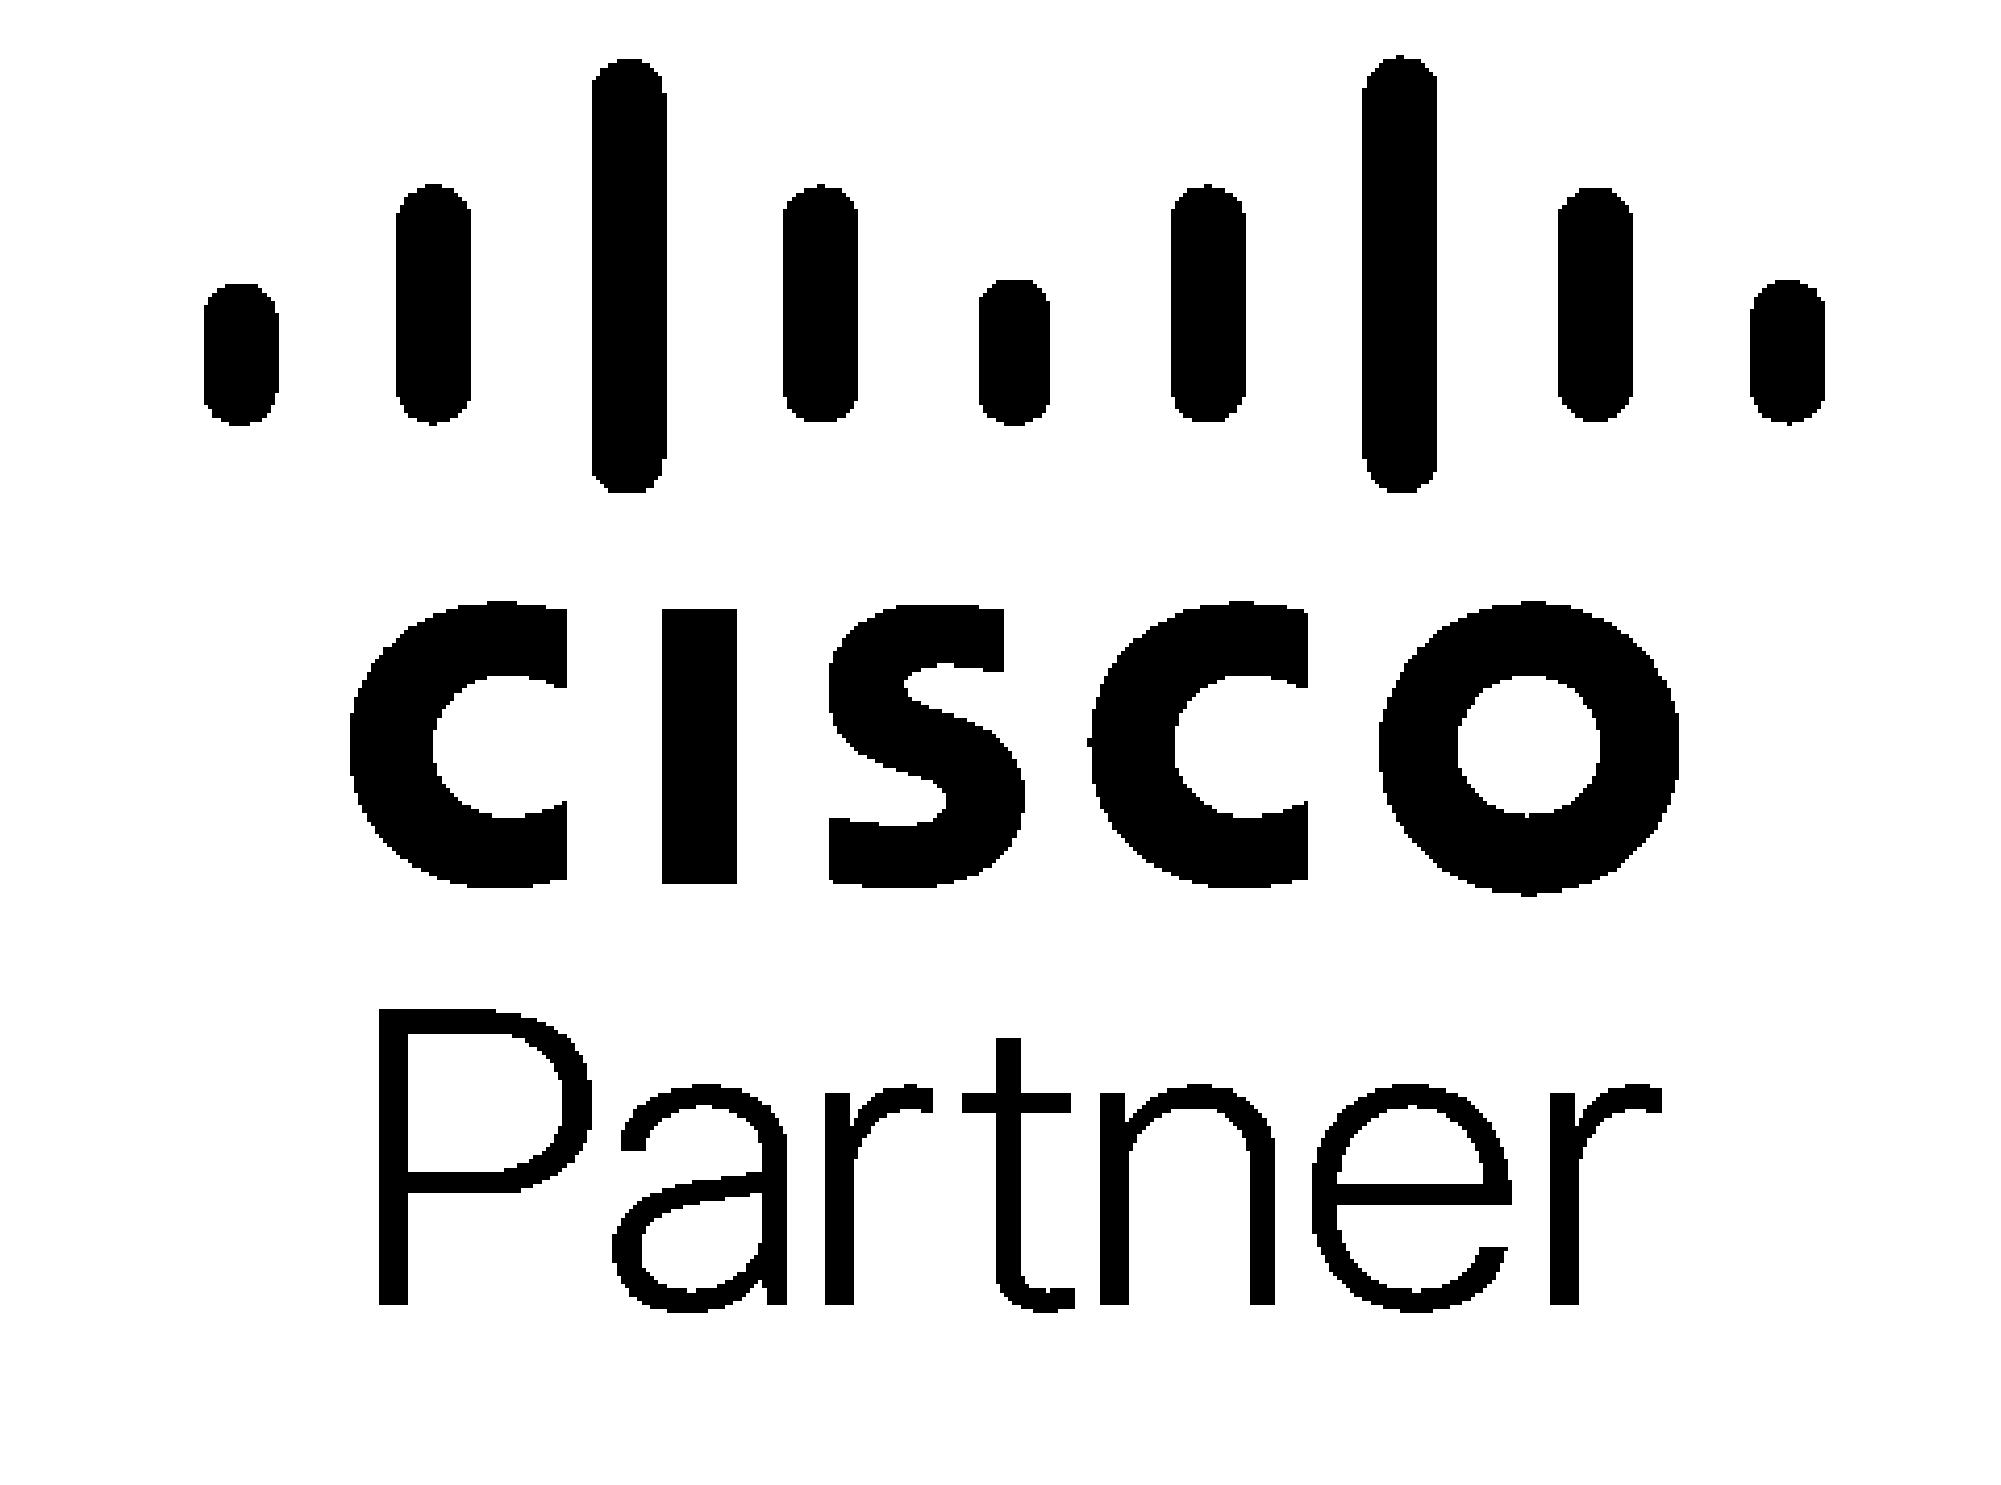 https://0201.nccdn.net/1_2/000/000/104/548/partner-logo.png